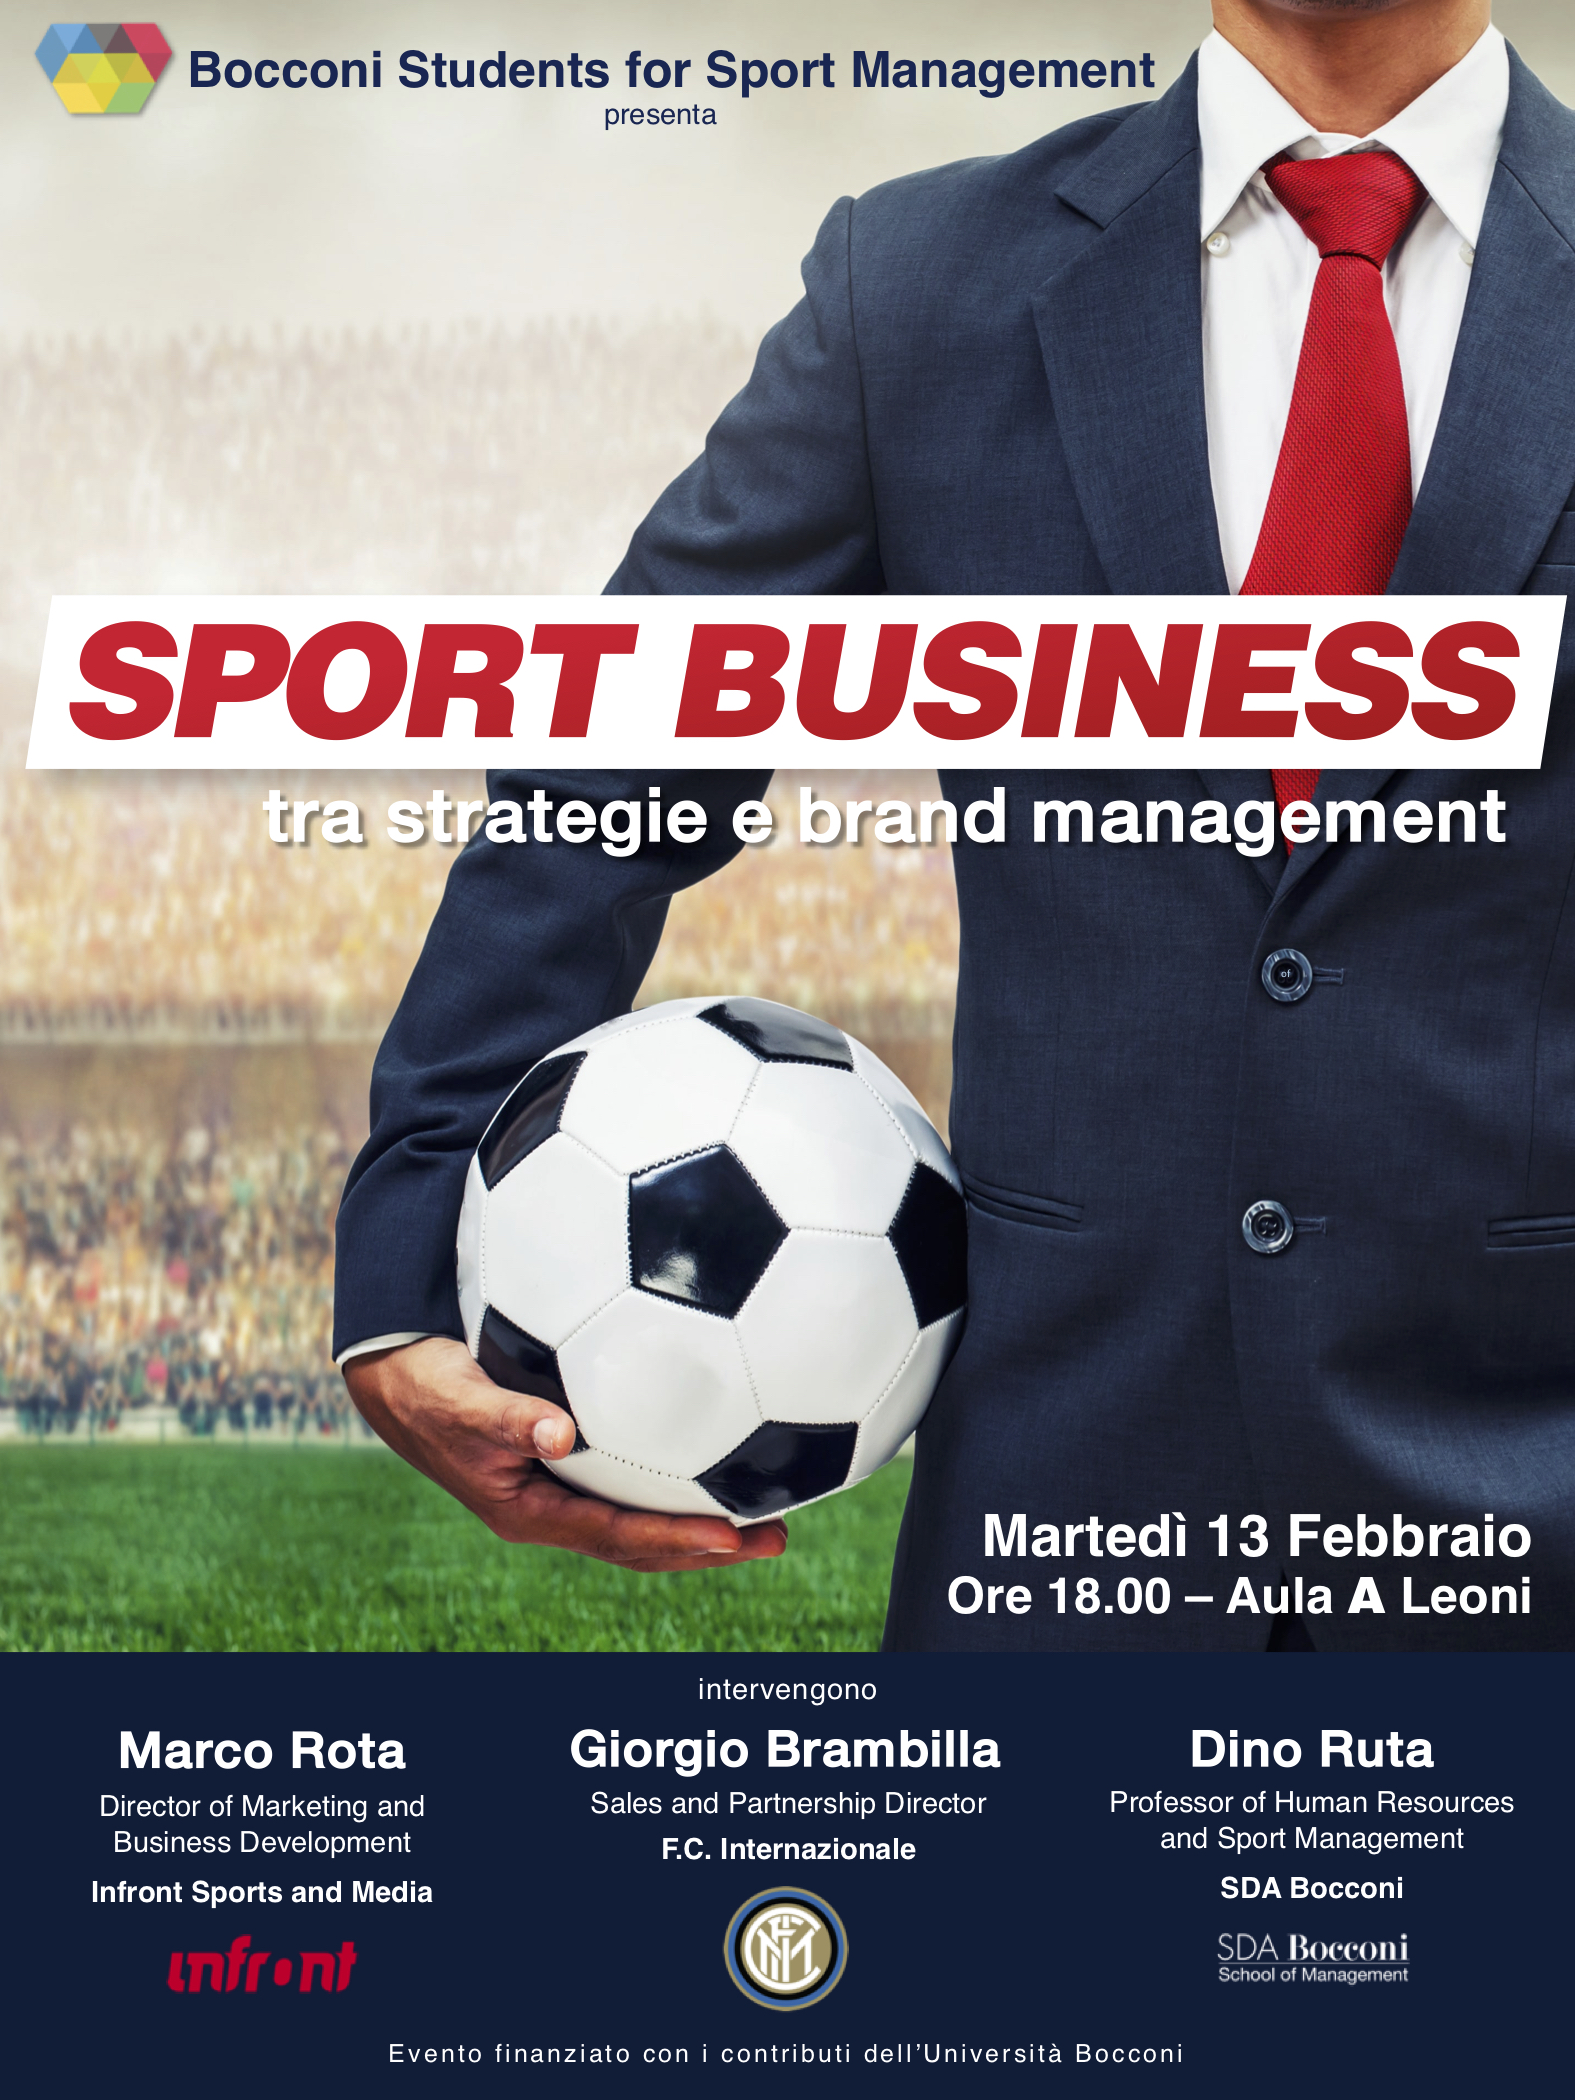 Sport Management v2 (2).jpg